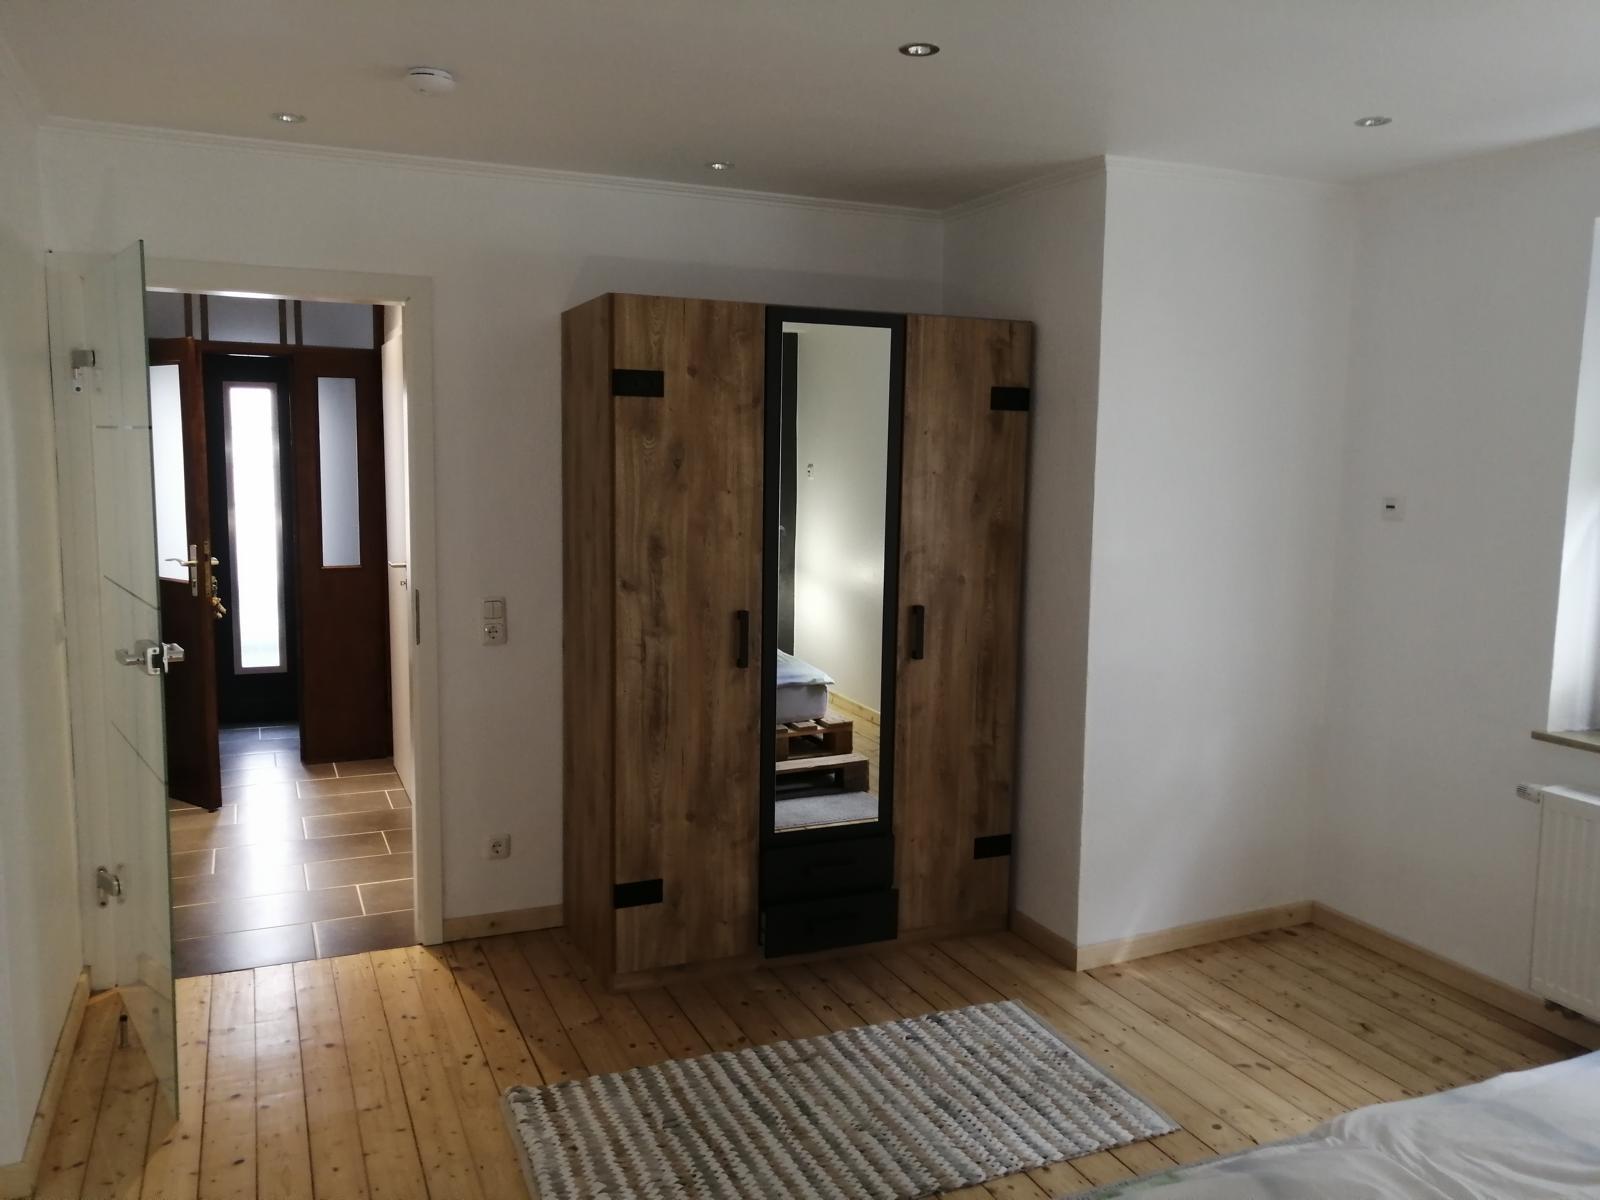 schlafzimmer-mit-schrank-1